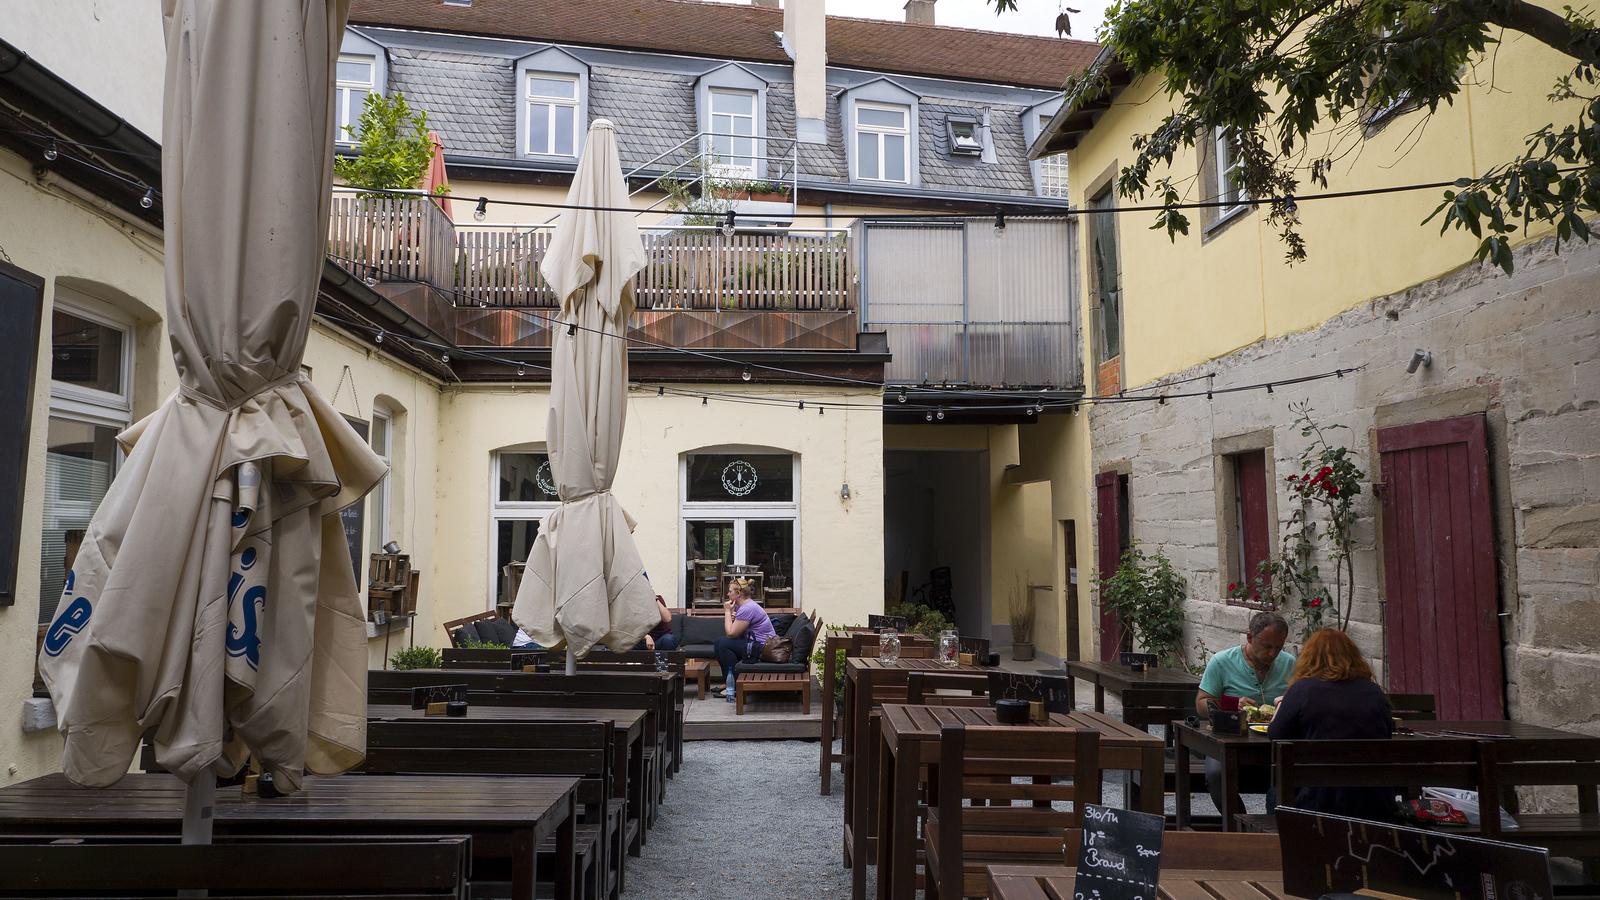 Bamberg Vegan Restaurant and Travel Guide - Bamberg Germany